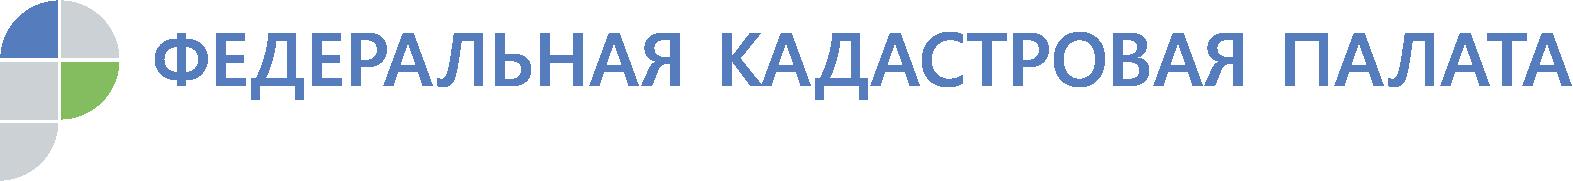 Кадастровая палата по Республике Татарстан: подтвердить права на наследство станет проще